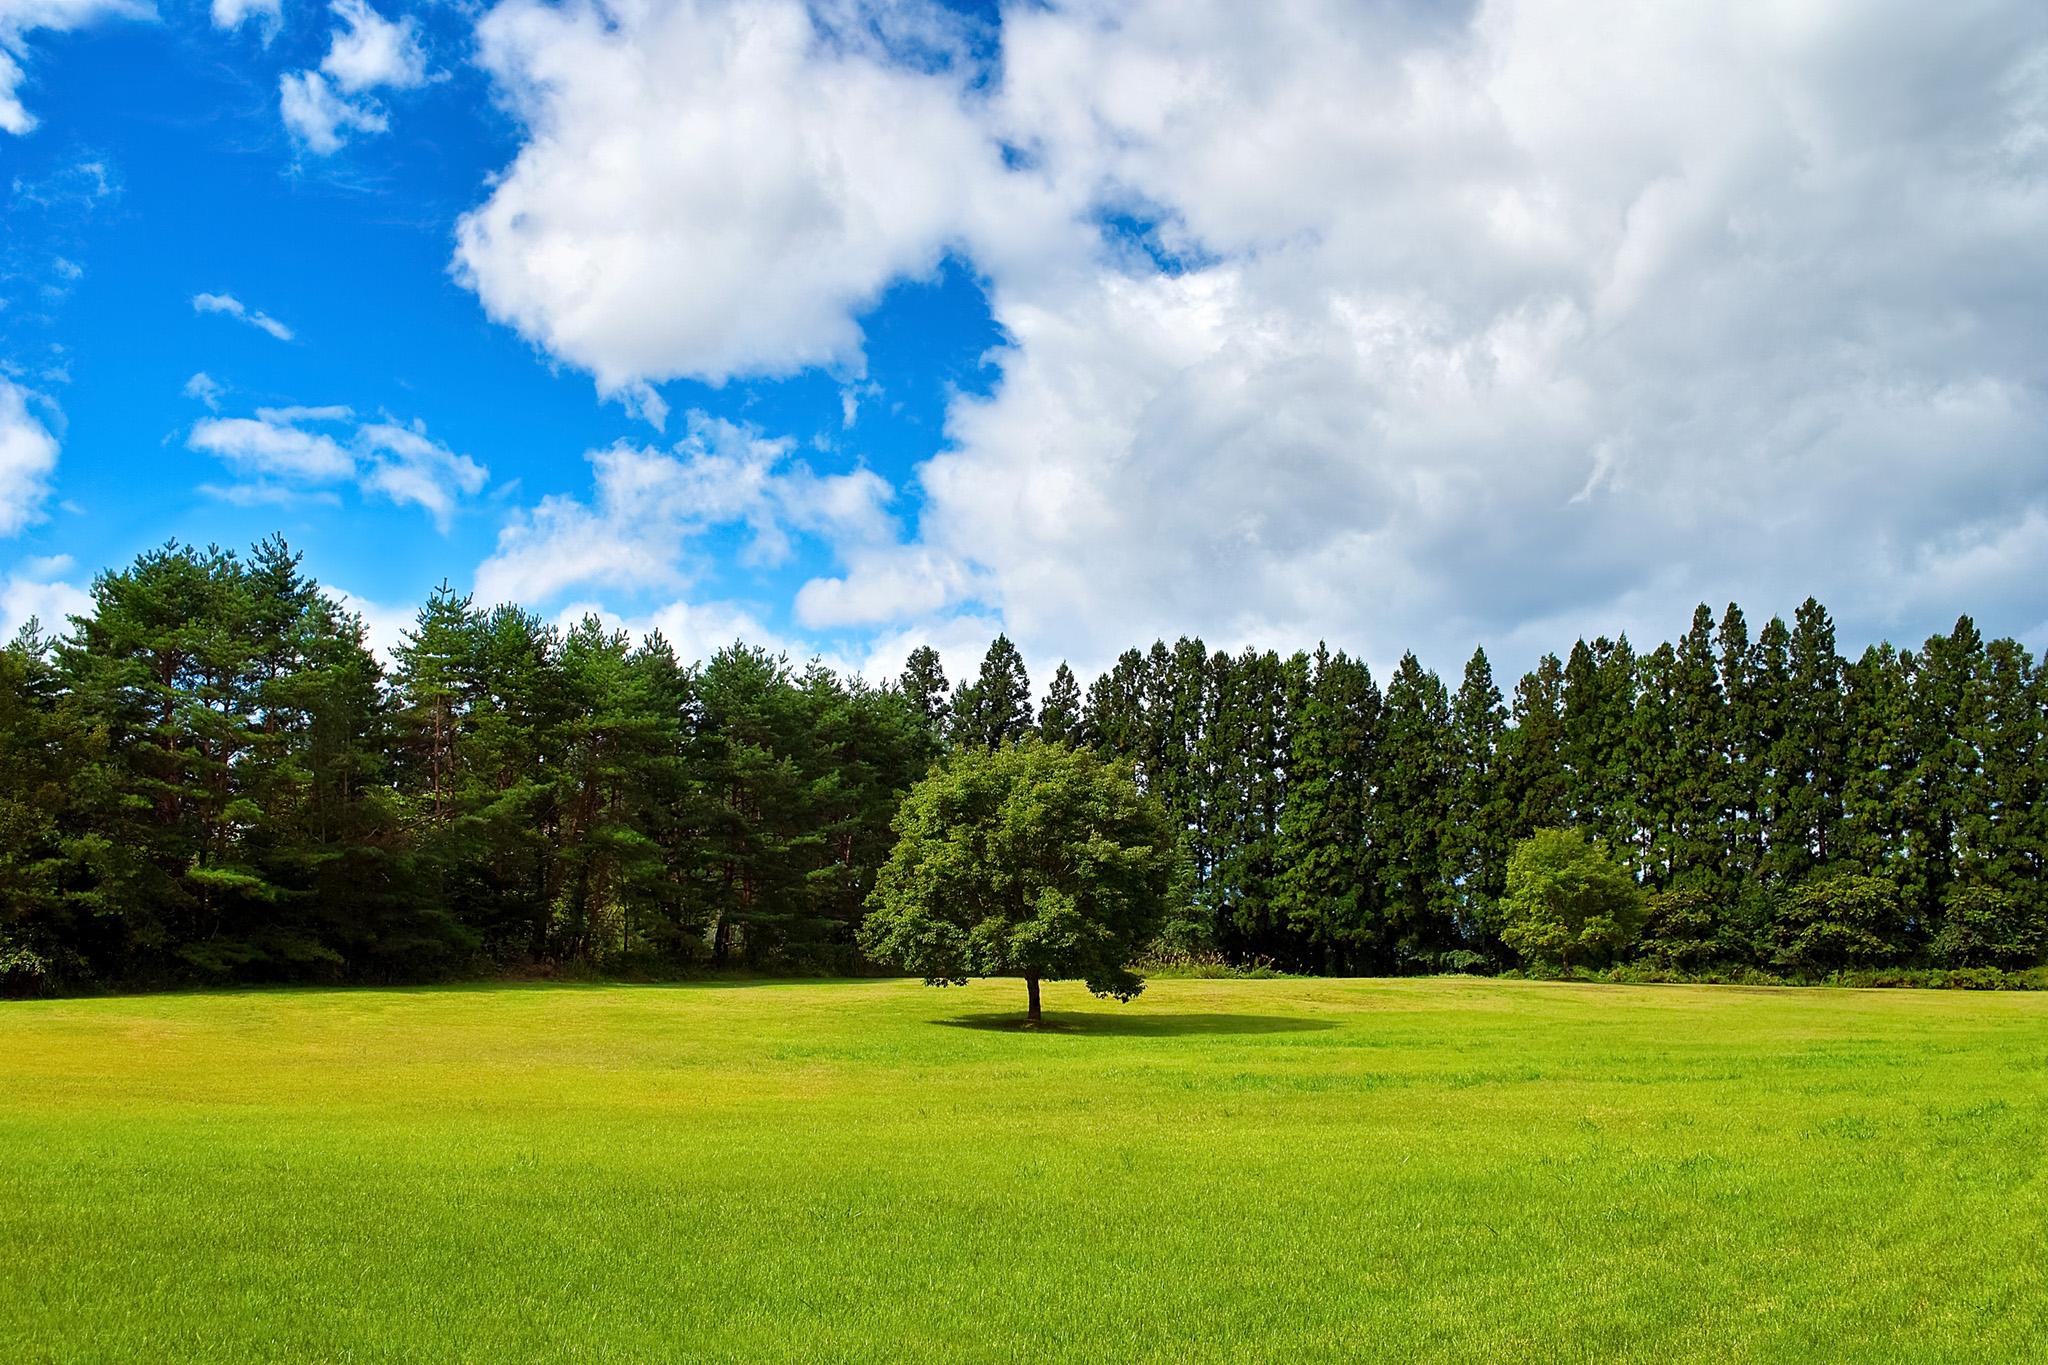 「緑の草原に立つ一本の木」の素材を無料ダウンロード